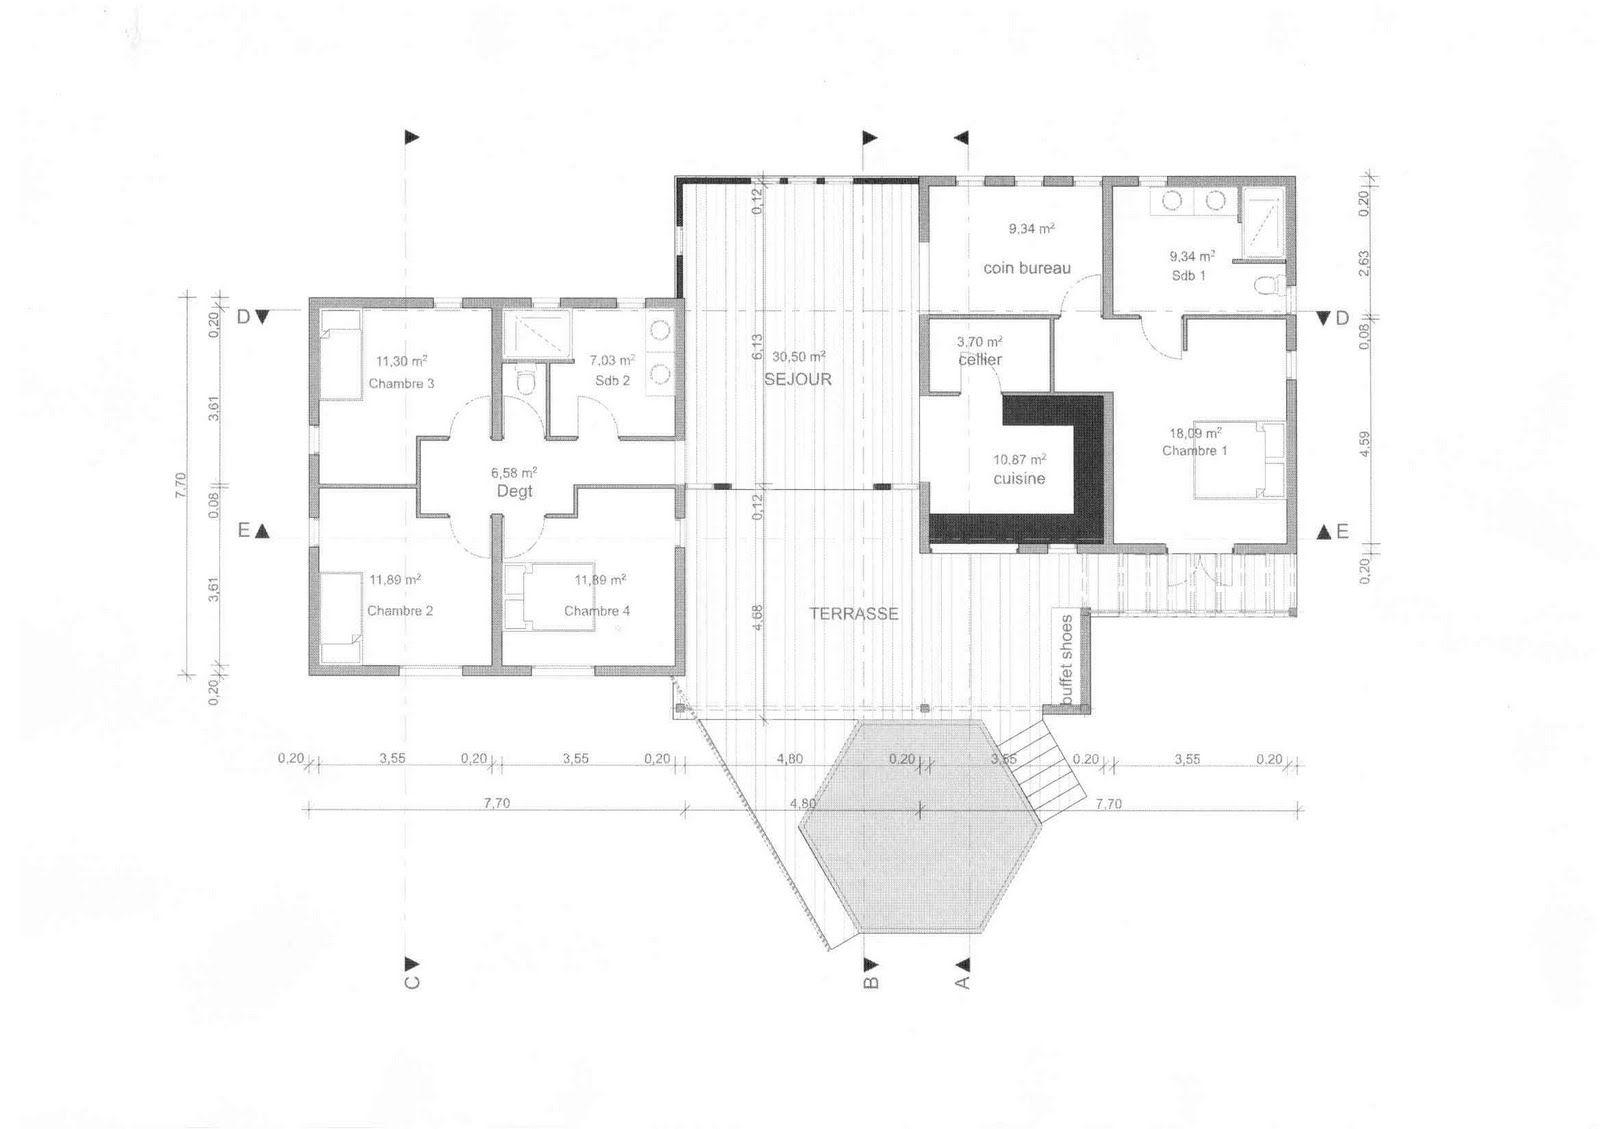 Plan De Maison Moderne IGC Construction   Plan Maison 5 Chambres + Bureau